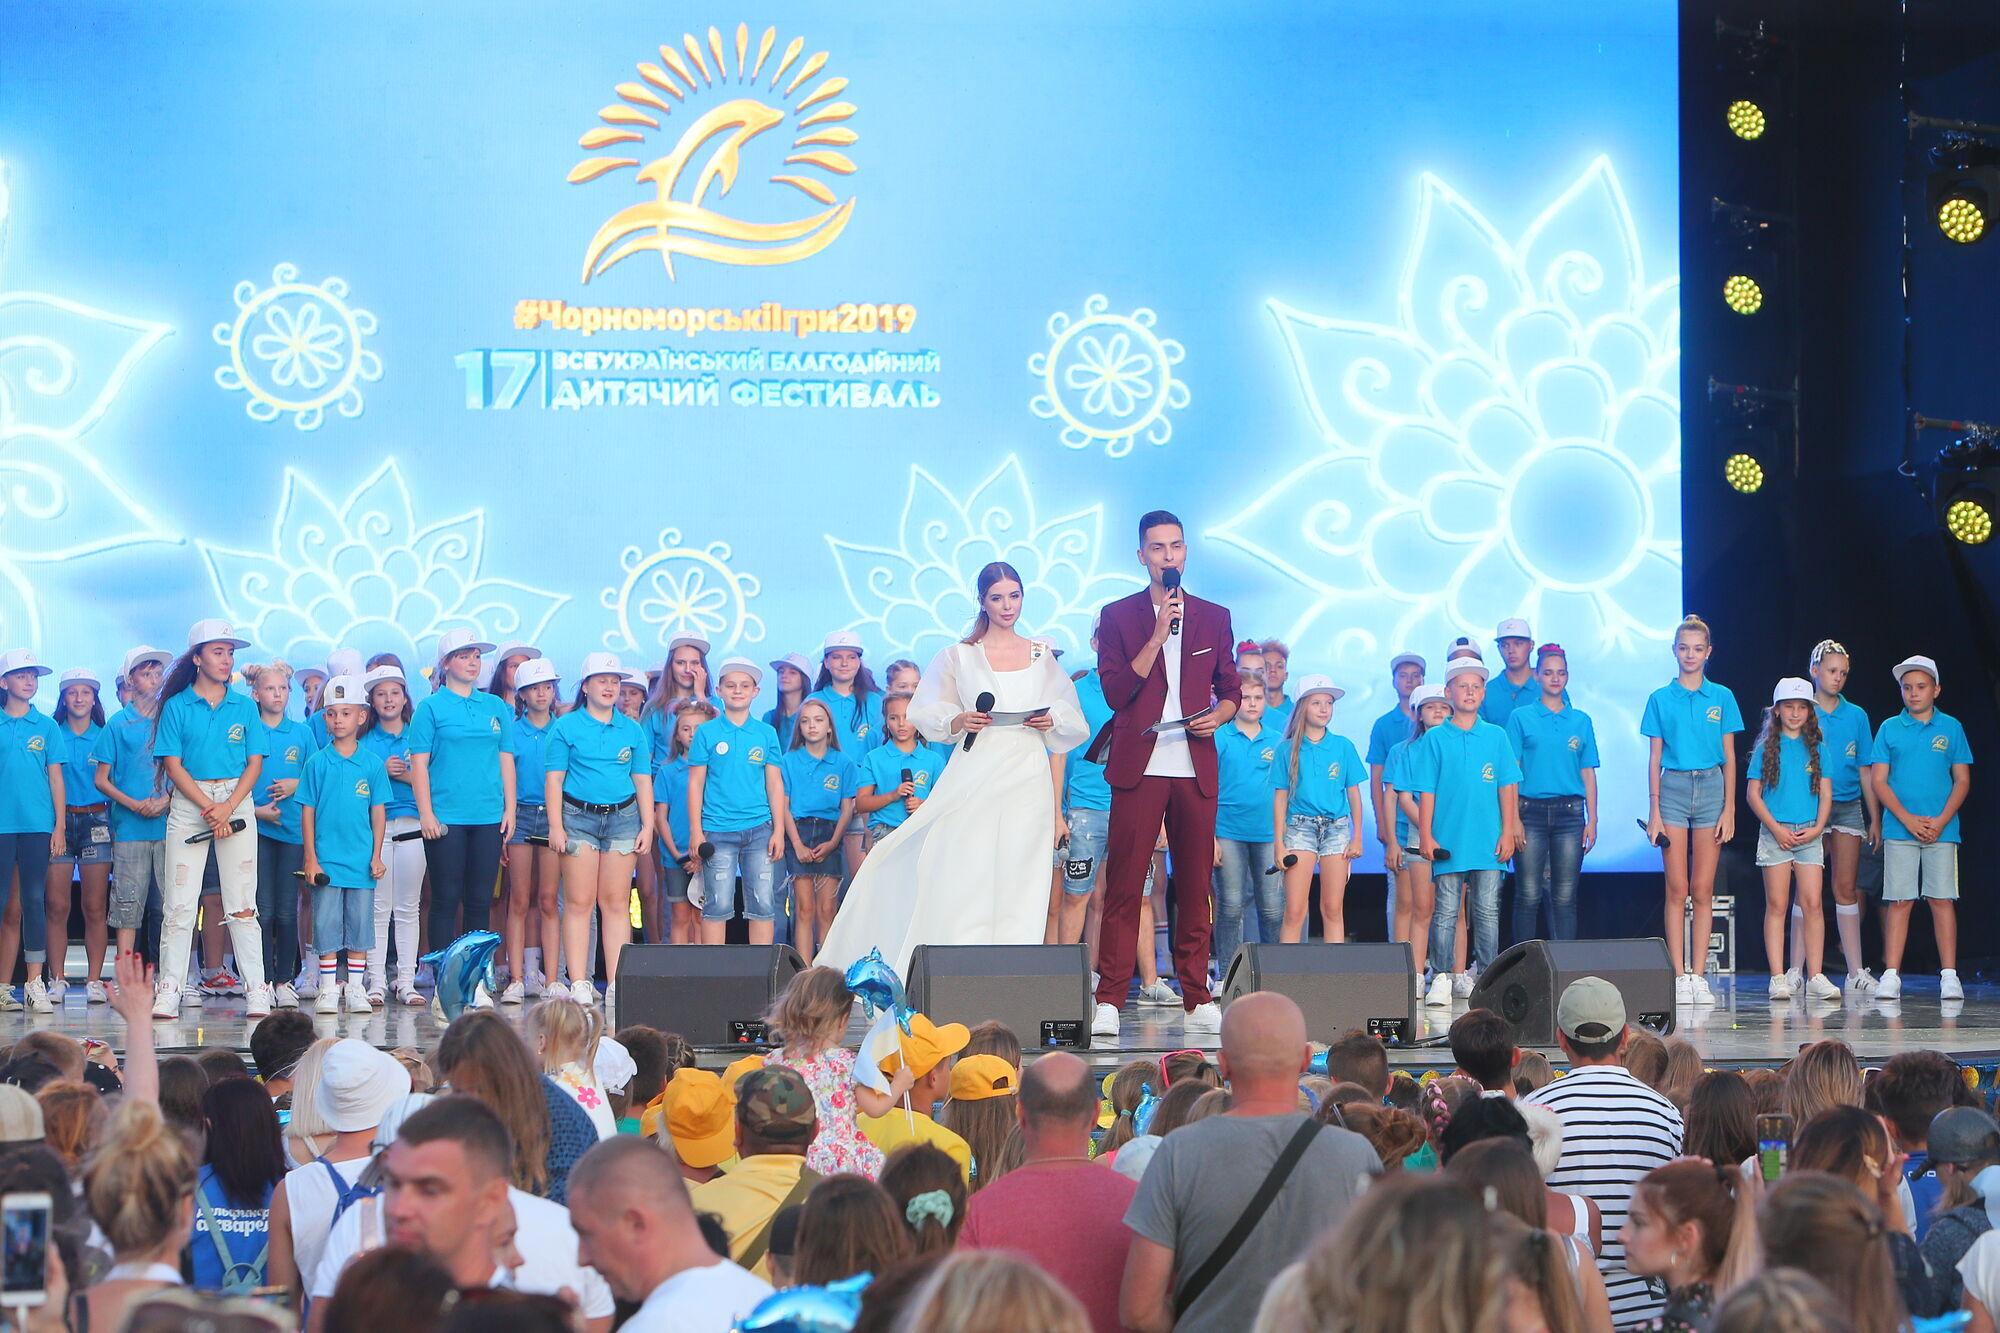 Фестиваль посвящен тридцатой годовщине независимости Украины